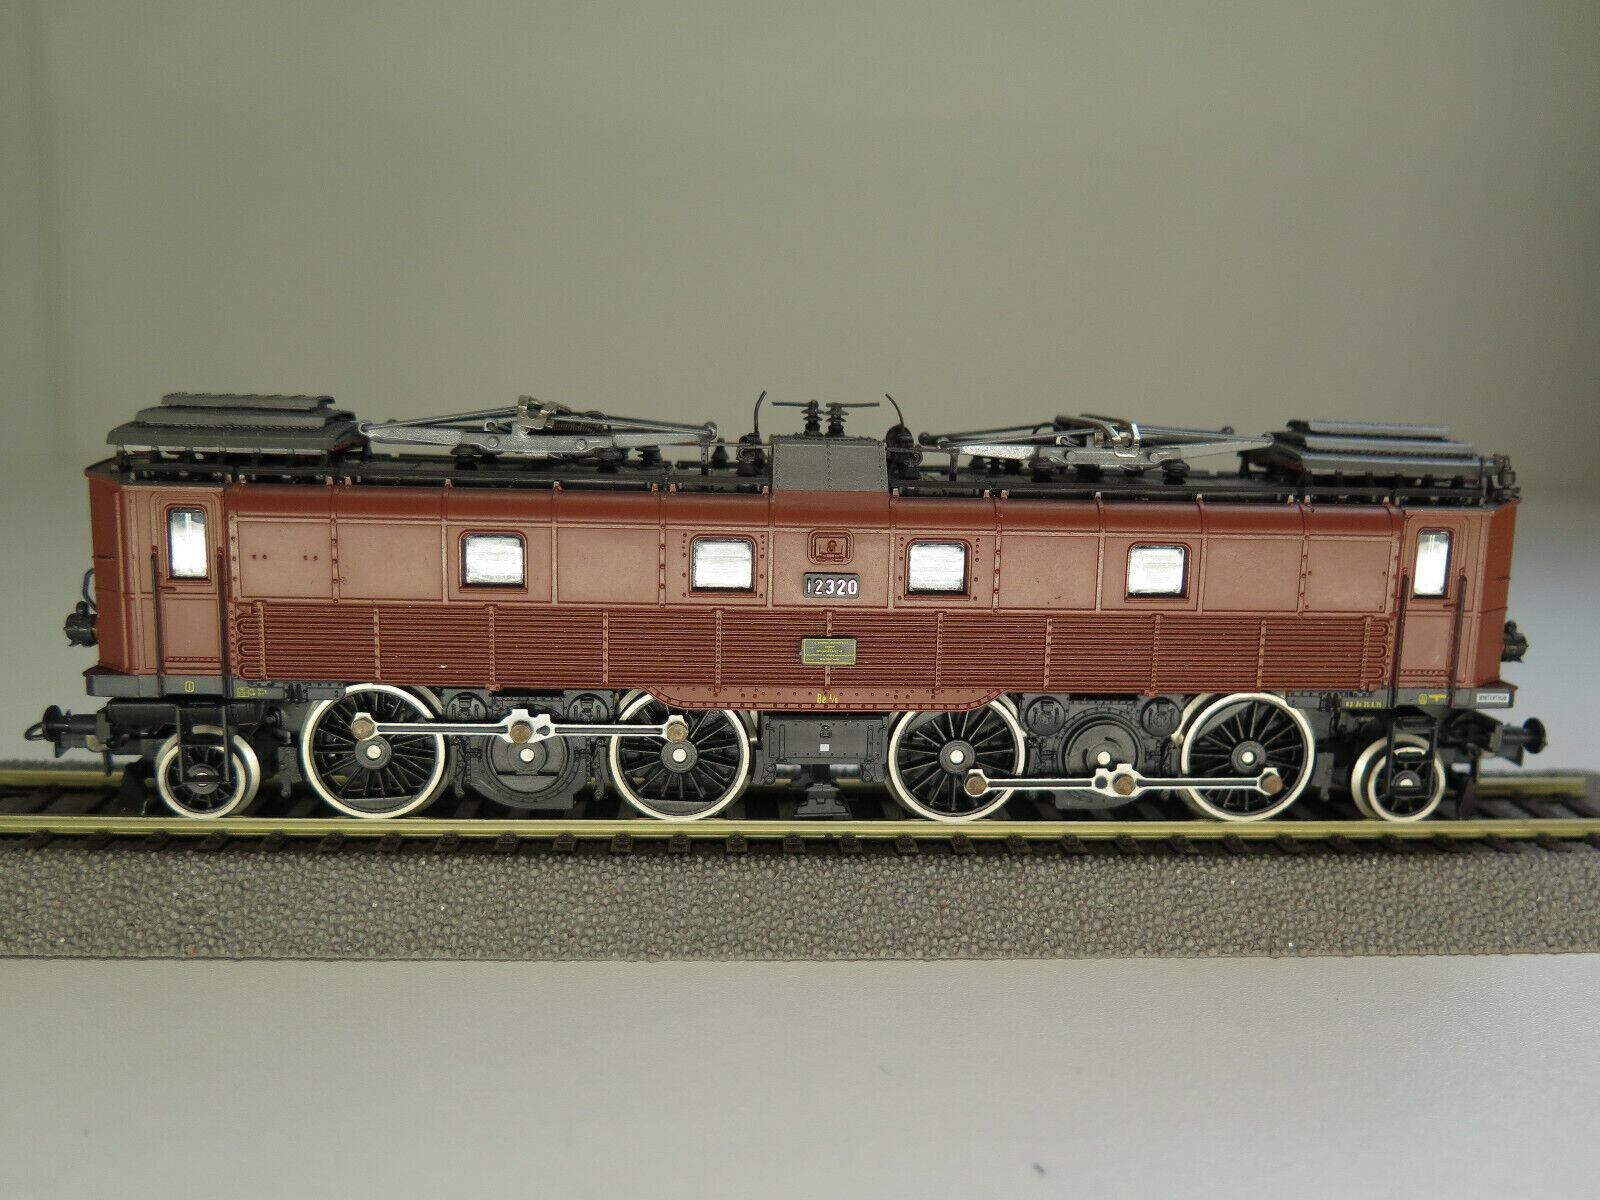 ROCO 04191btraccia h0elektrolokomotive be 46 12320 delle SBBScatola Originale  01218266